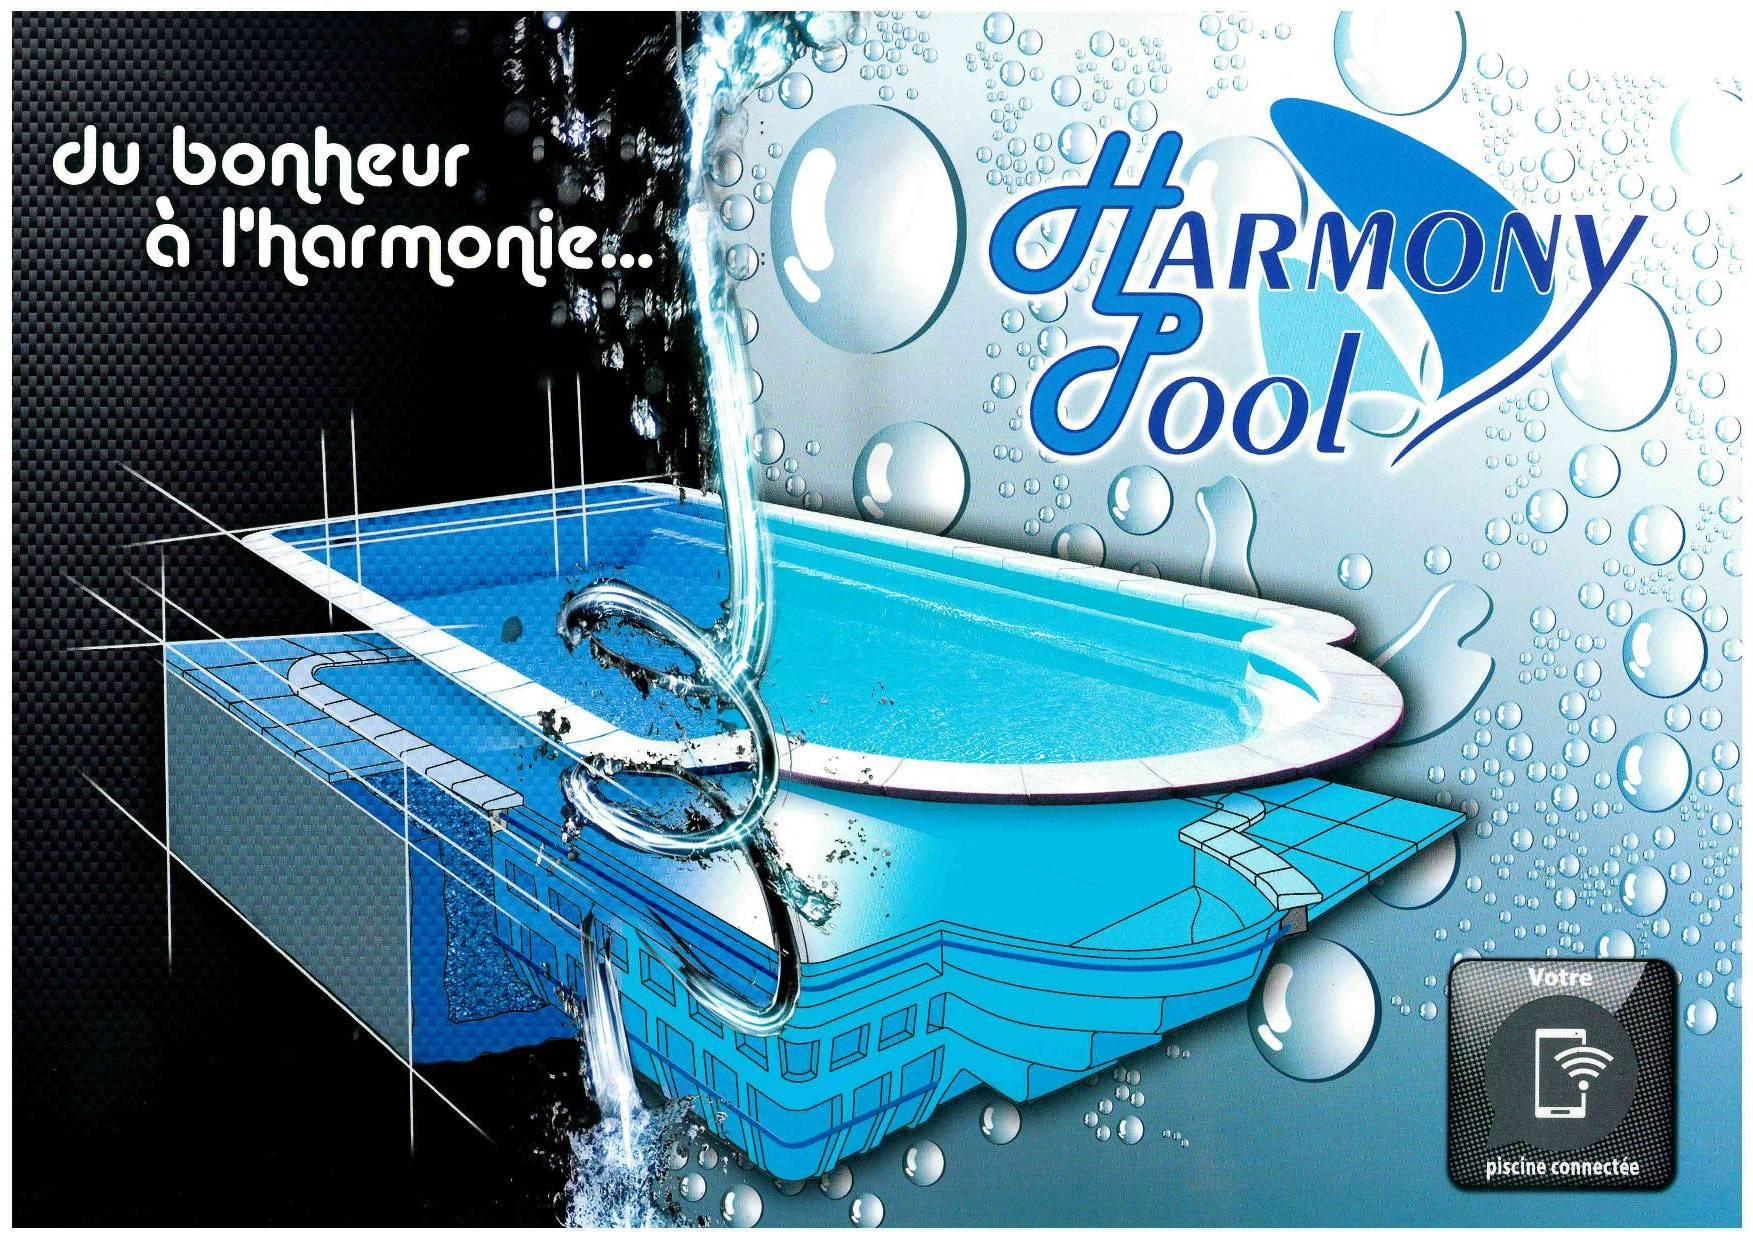 piscine connectée harmony pool ferré piscines